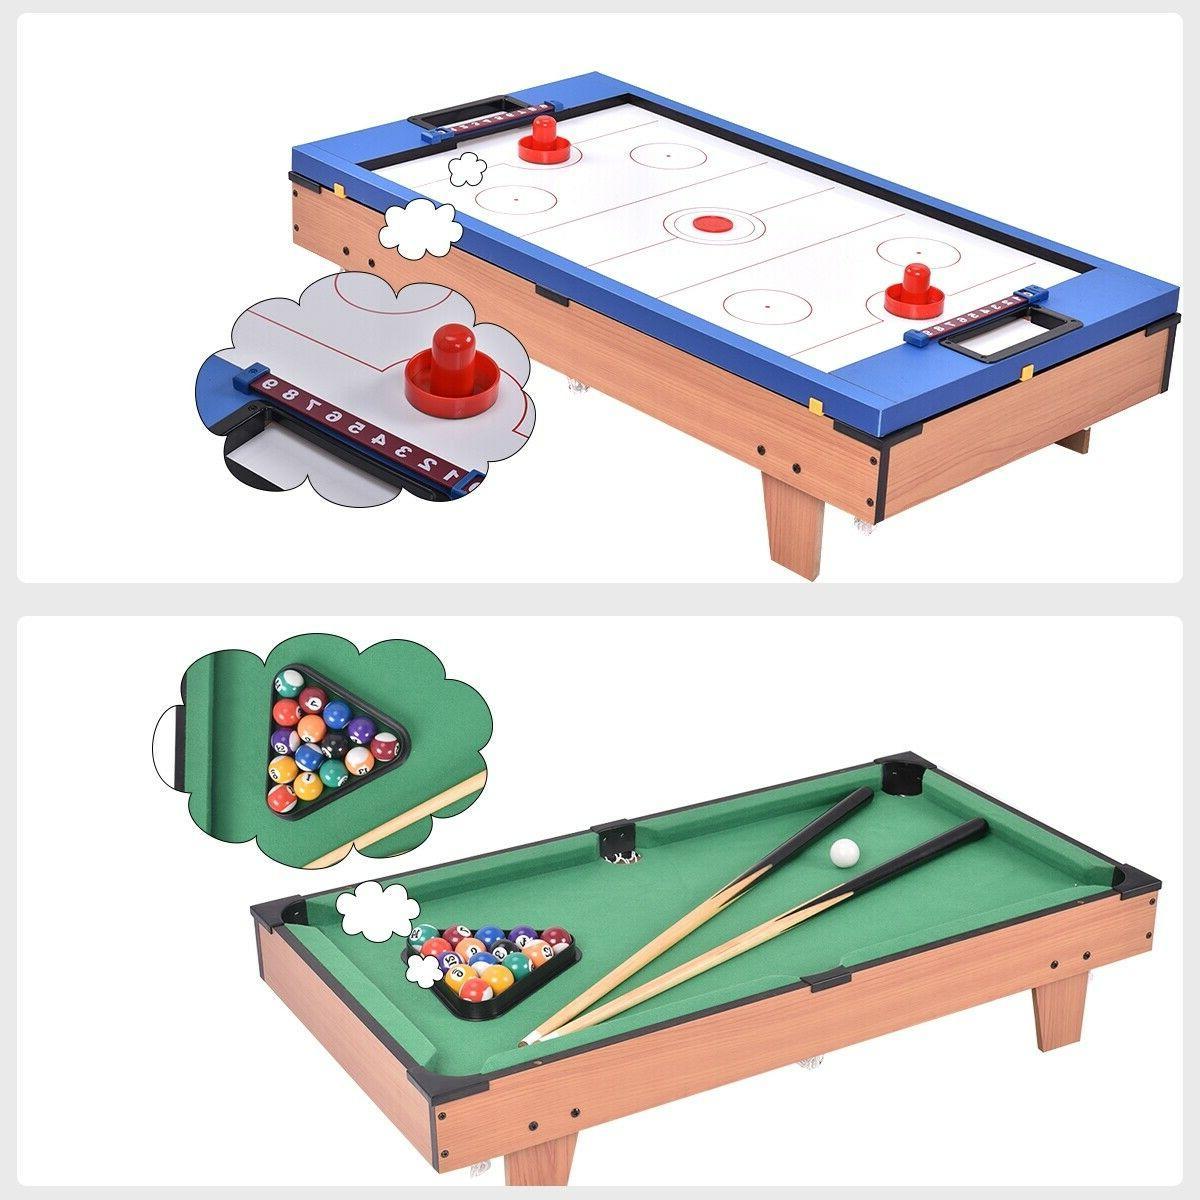 4 1 Game Billiards/Pool, Foosball, Tennis